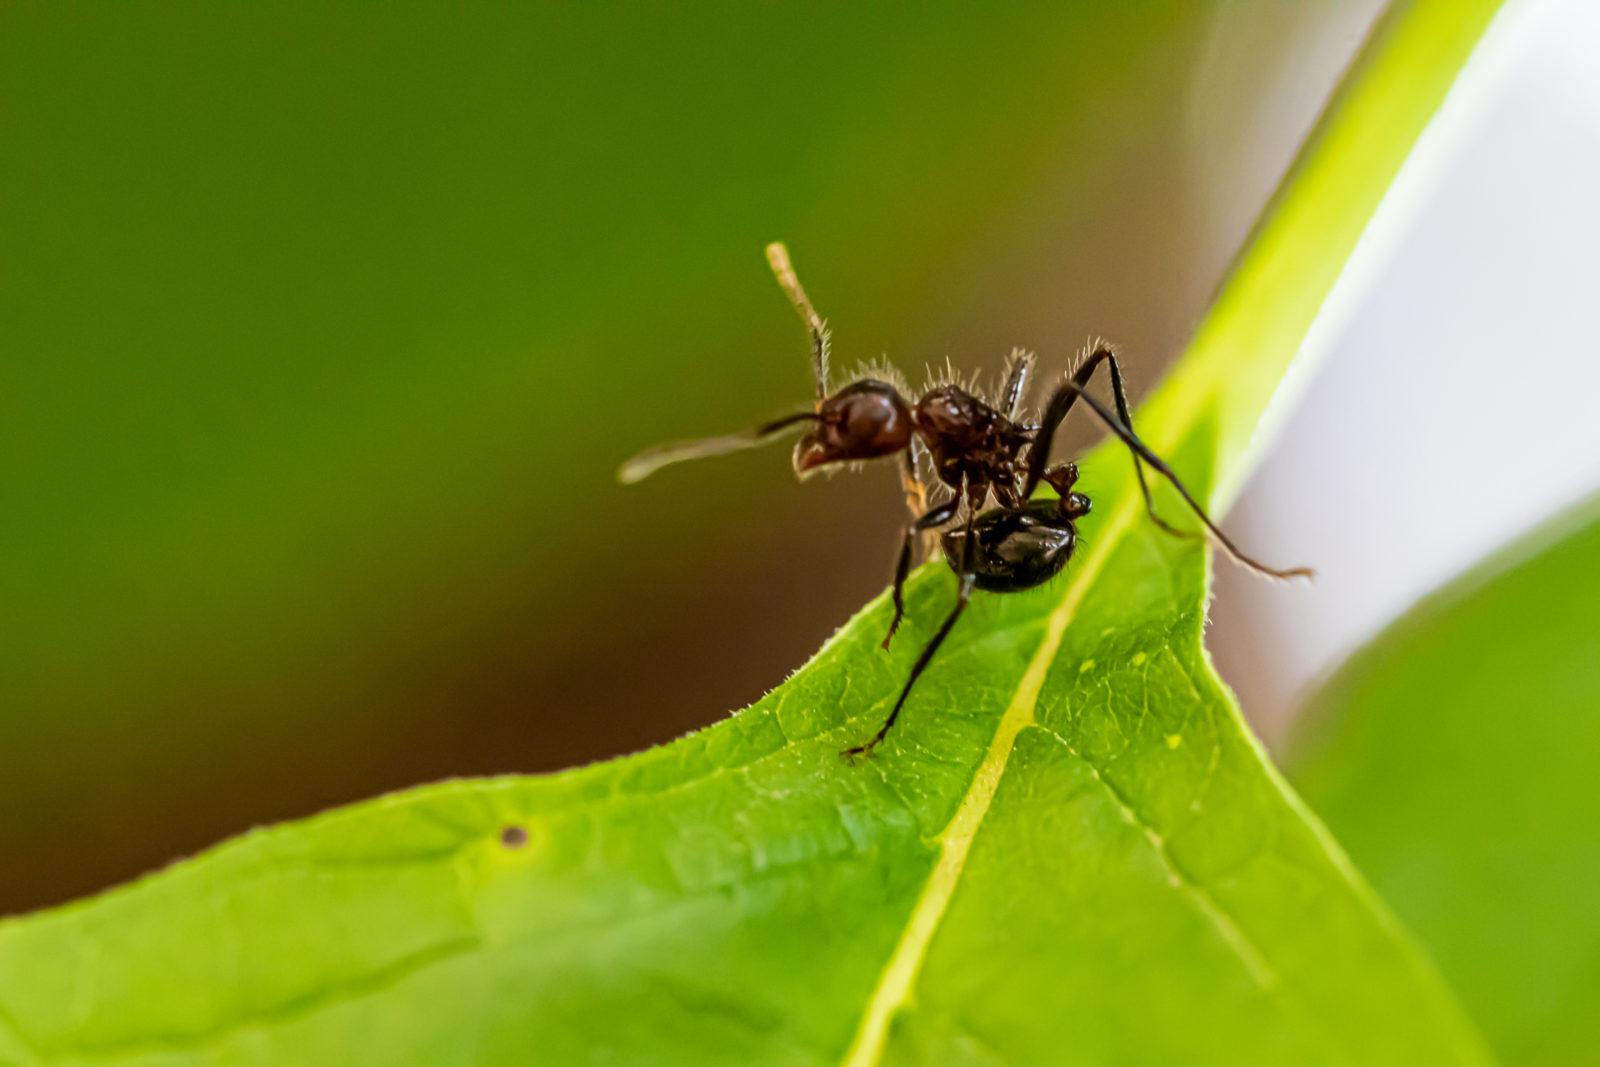 Debellare le formiche con interventi mirati